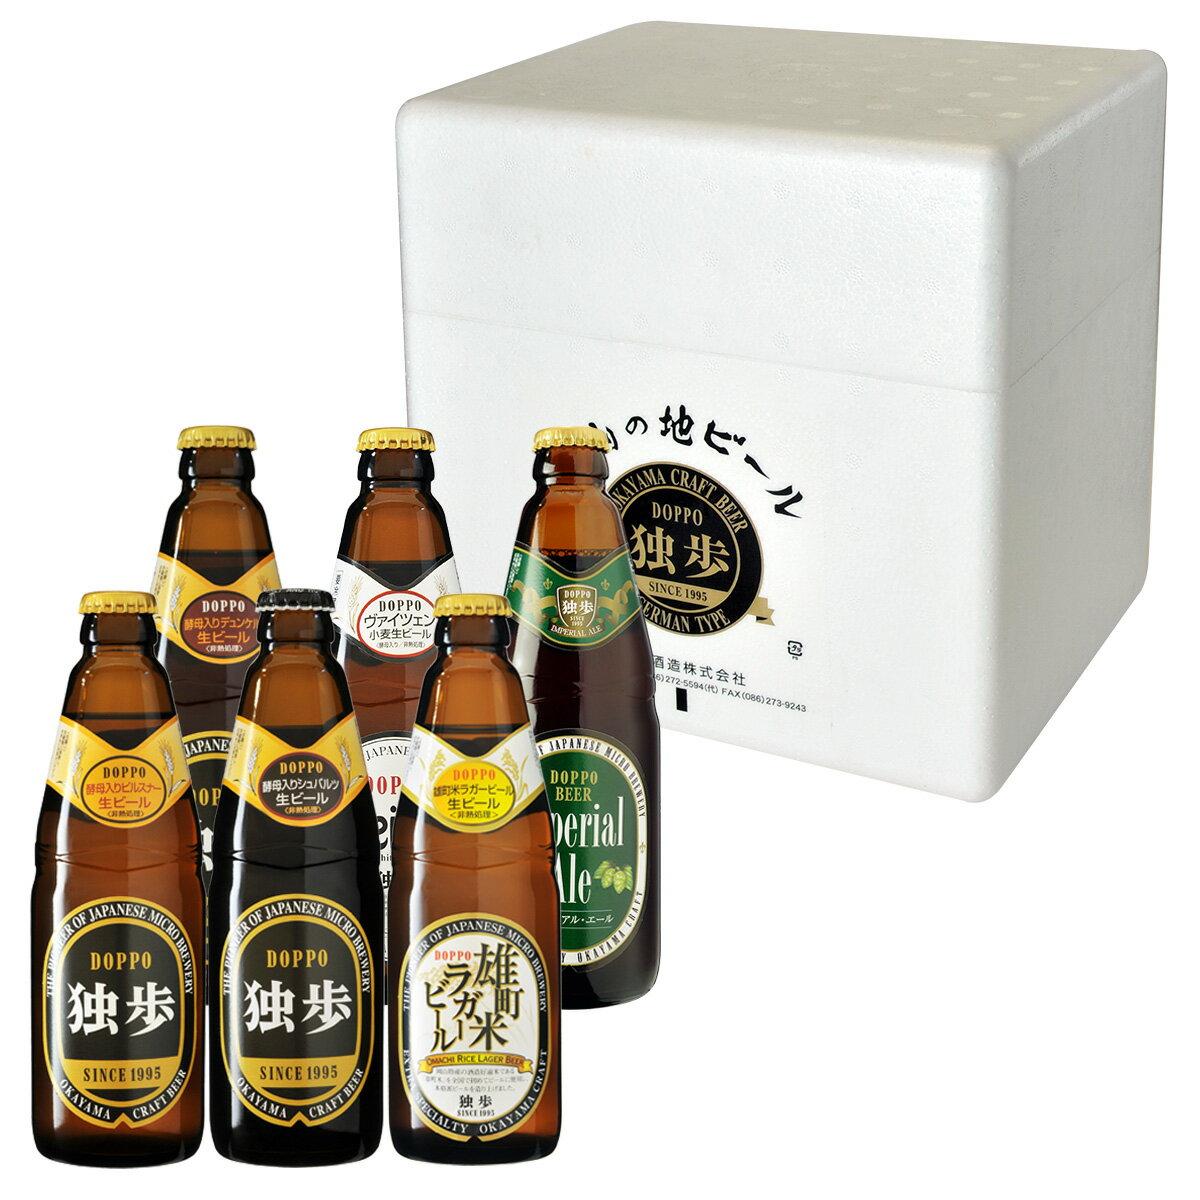 地ビール独歩 本格派飲み比べ6本セット MBH6...の商品画像